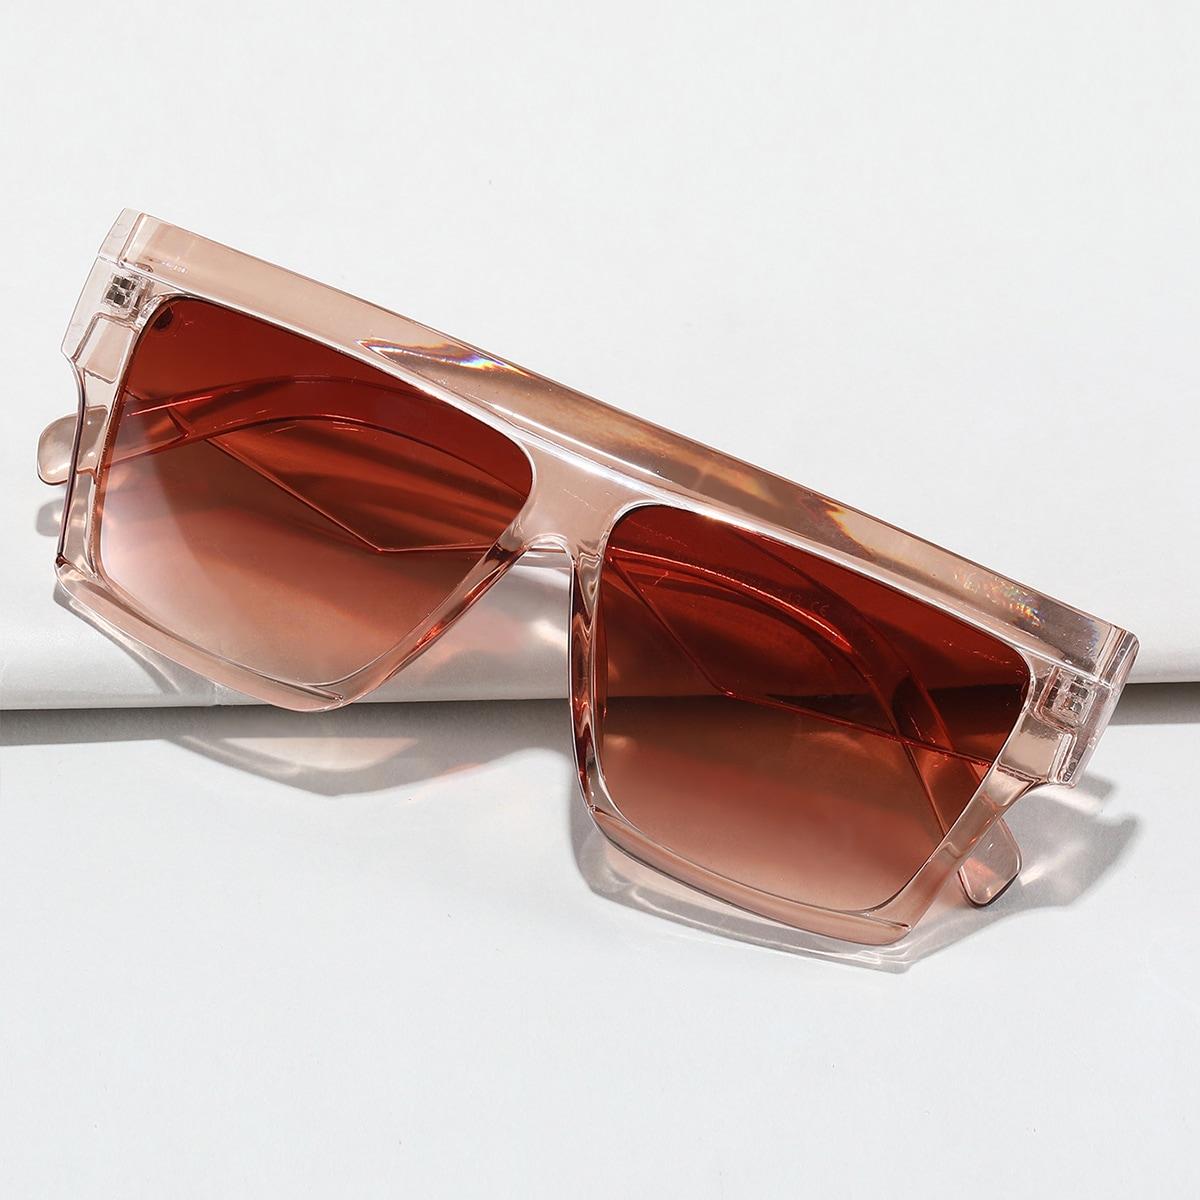 Sonnenbrille mit flacher Oberteil und transparentem Rahmen